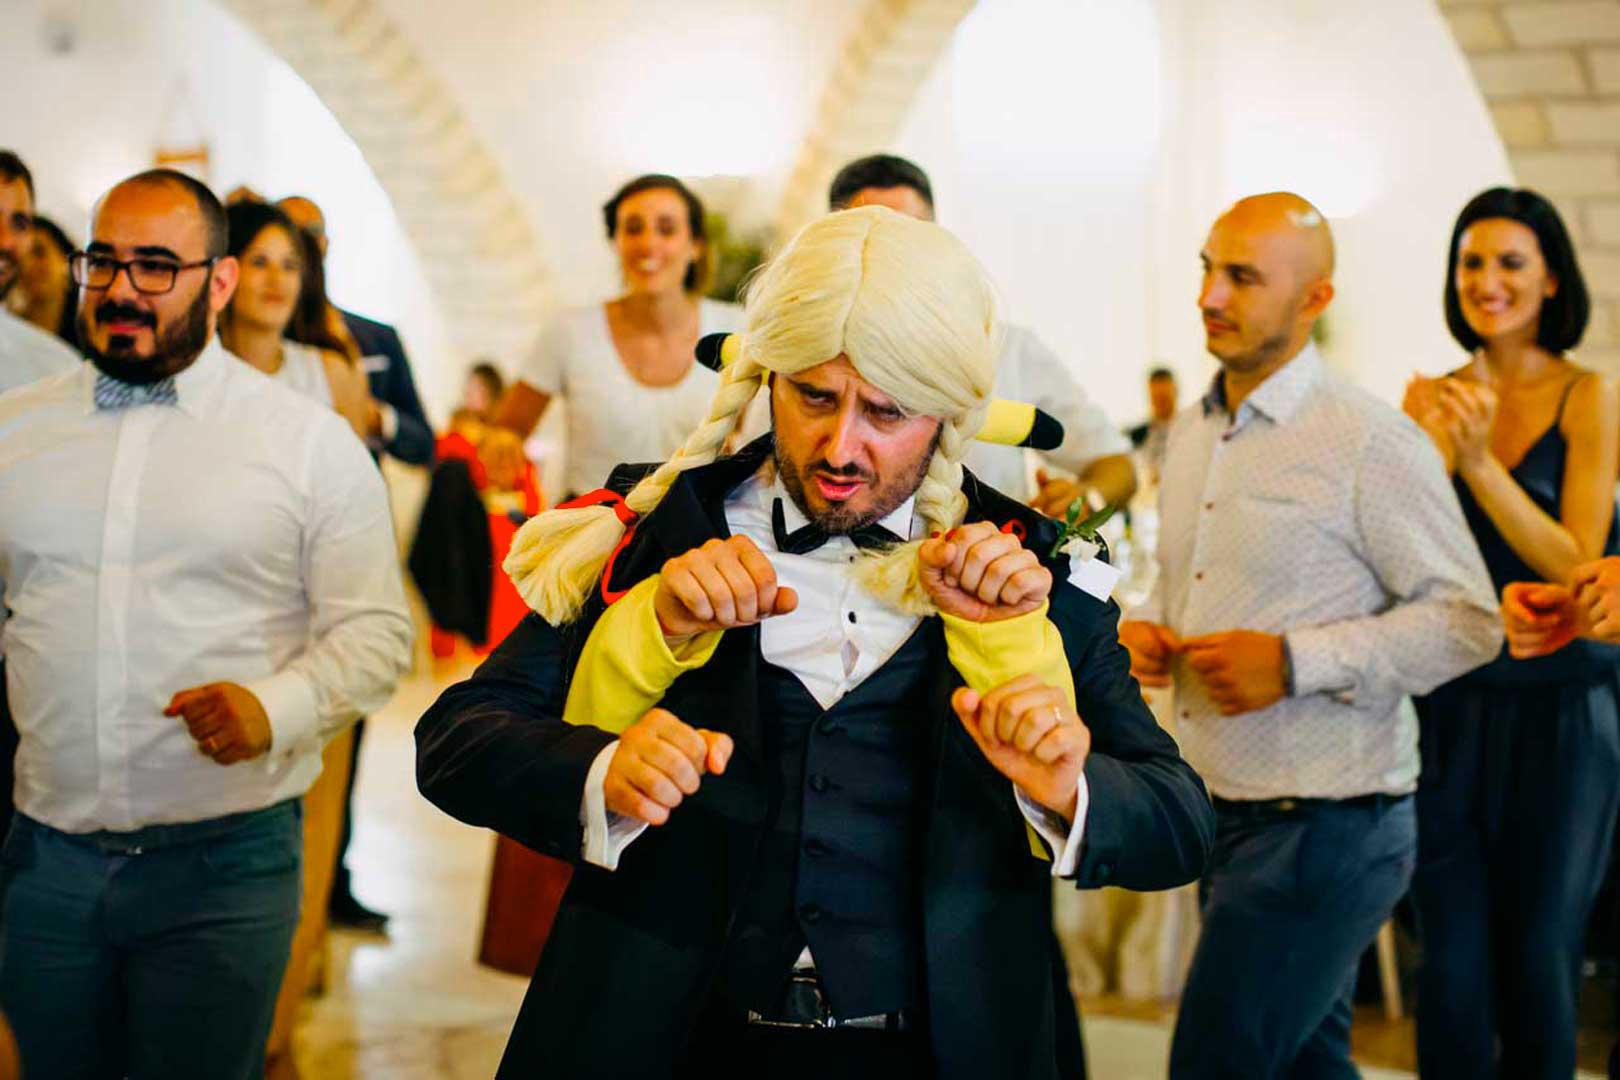 030-festa-matrimonio-gianni-lepore-wedding-photographer